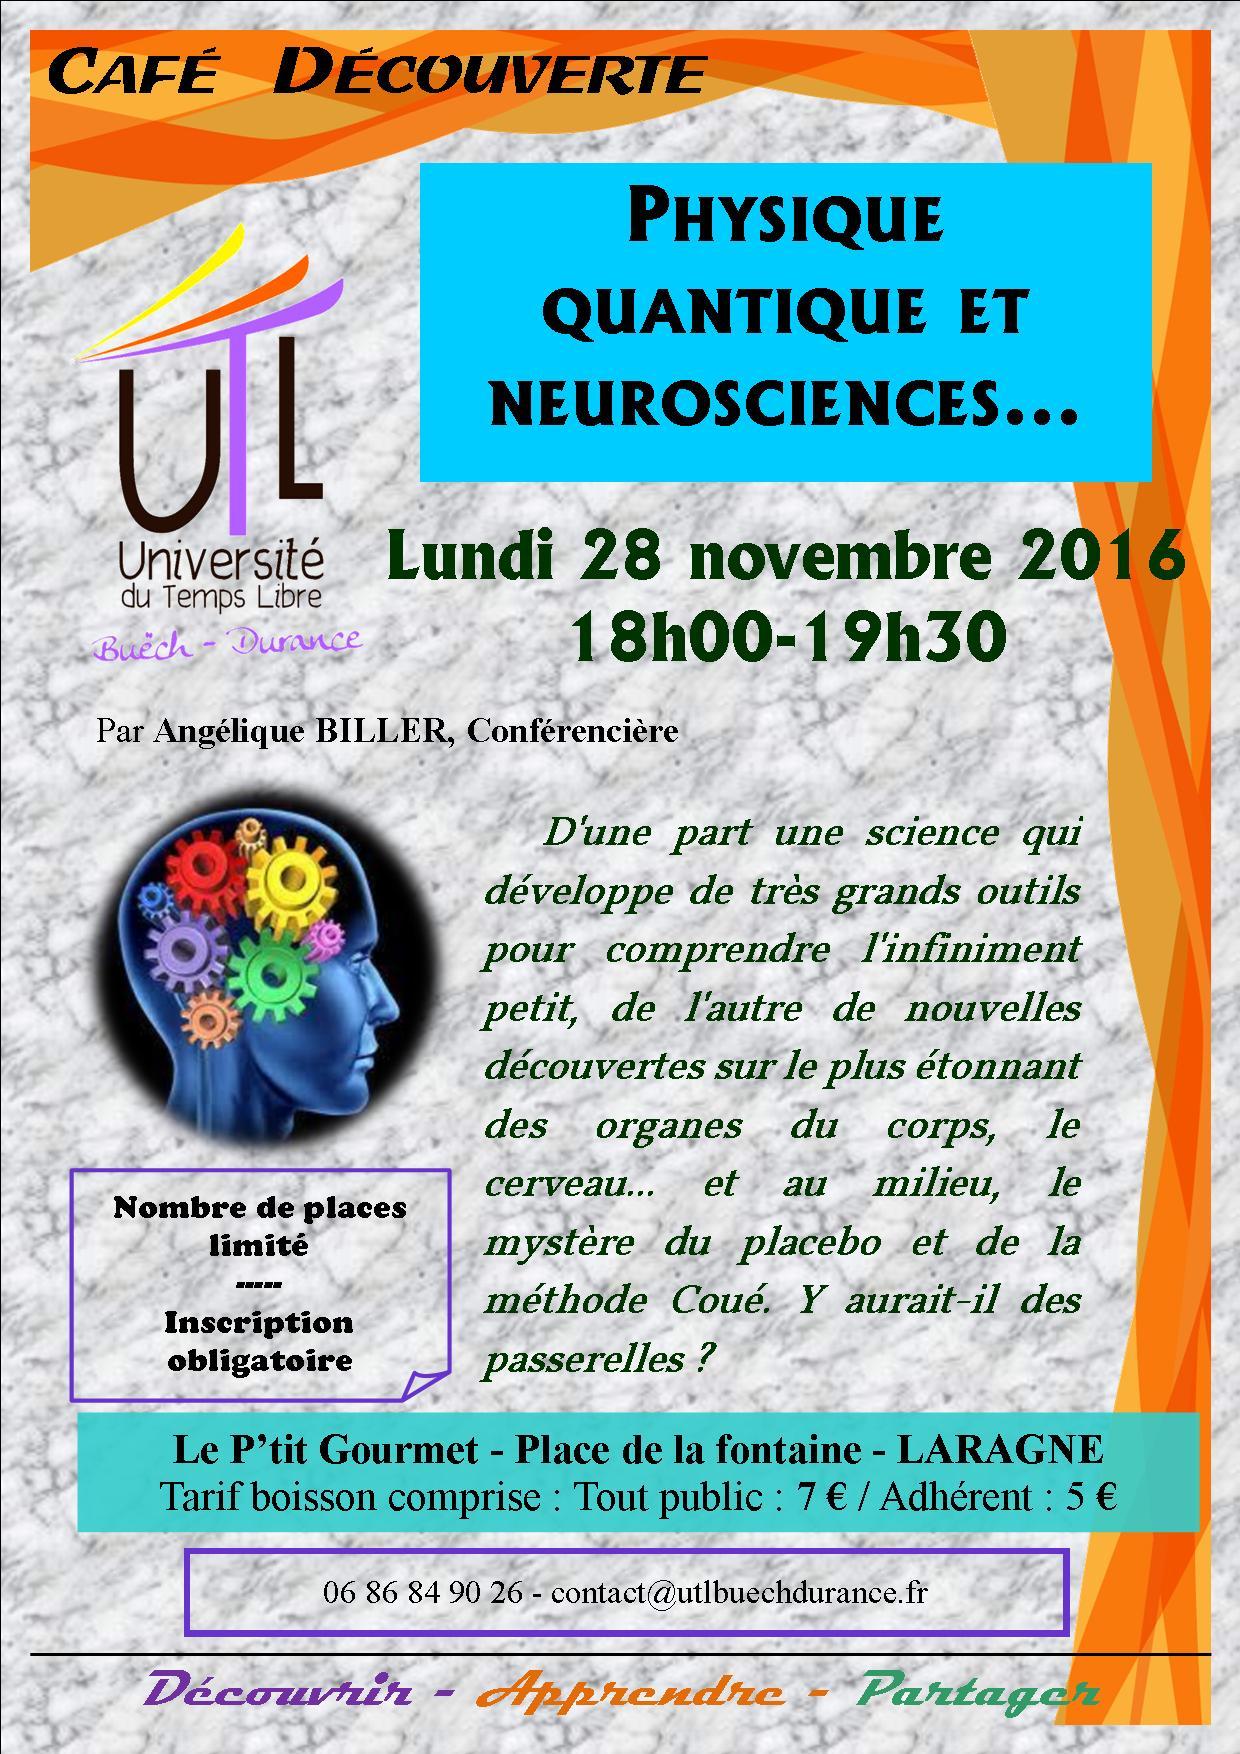 2016-11-28-physique-quantique-et-neurosciences